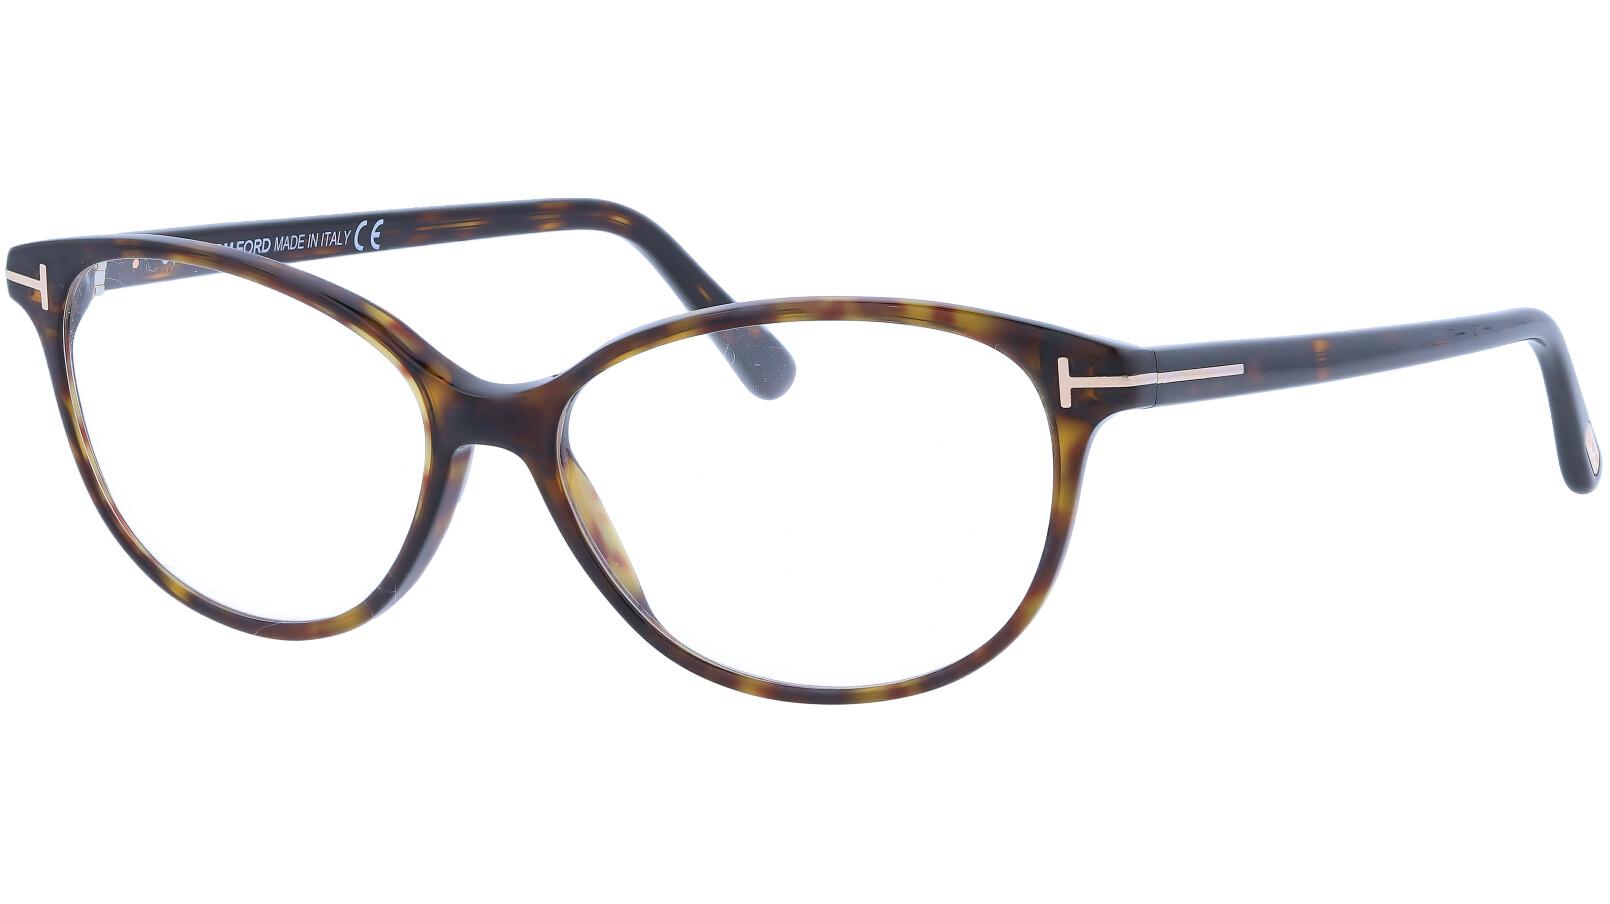 TOM FORD FT5421 052 53 HAVANA Glasses